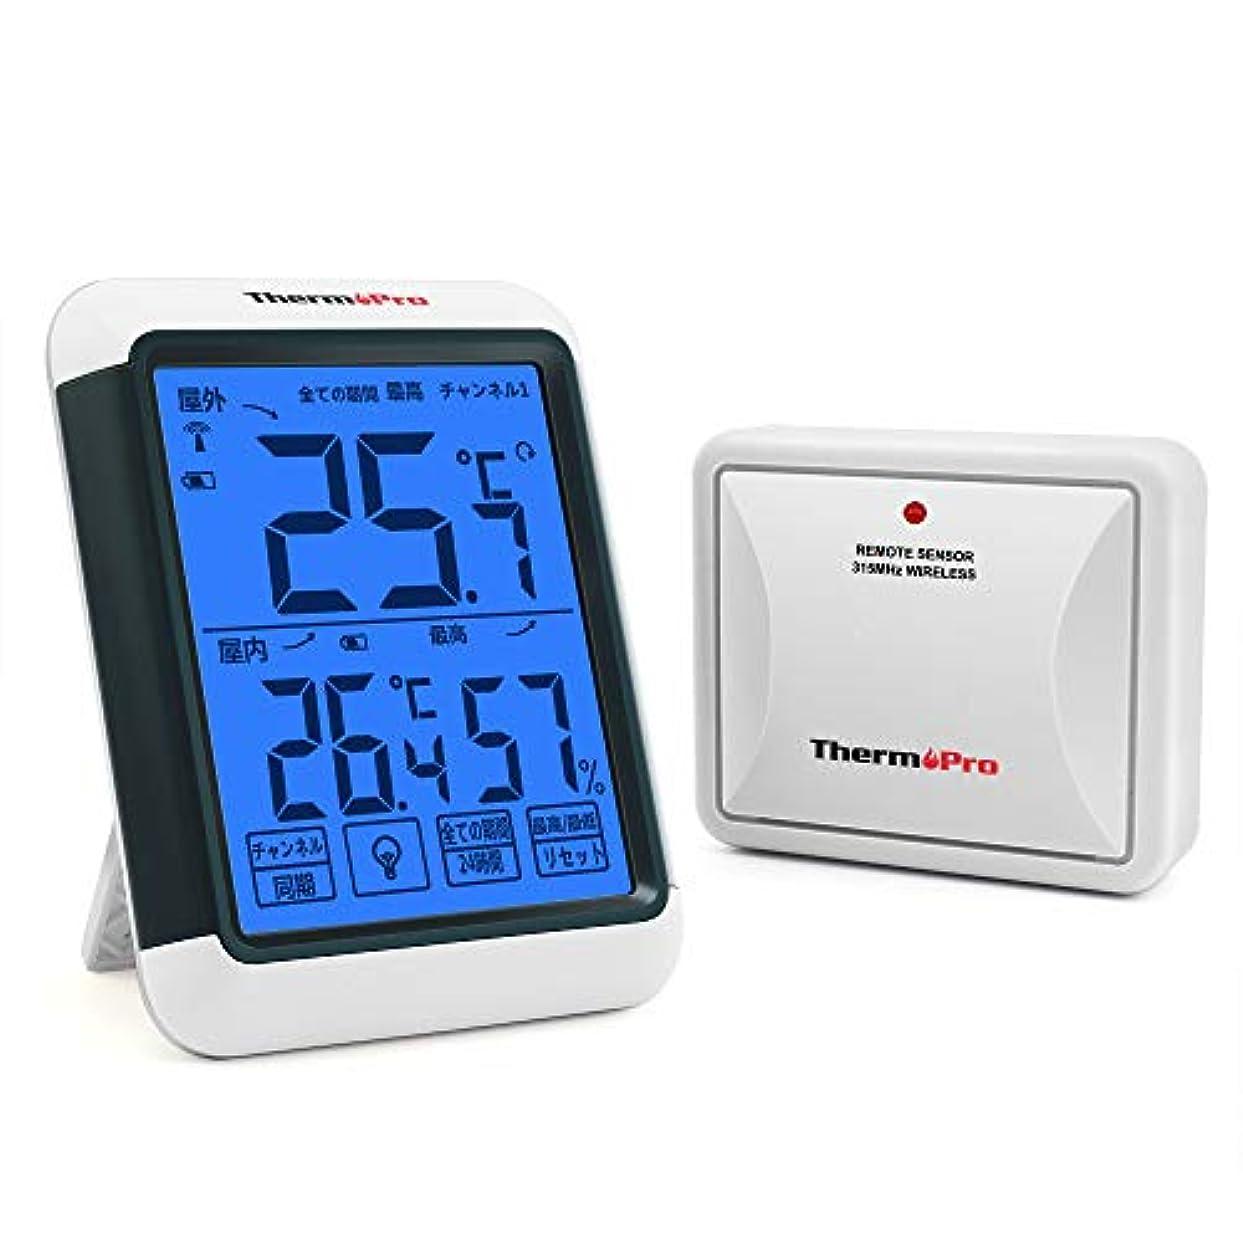 階下かもめヤギThermoPro湿度計 コードレス温湿度計室内 室外温度計最高最低温湿度値表示 高精度 LCD大液晶画面 バックライト機能付きTP65